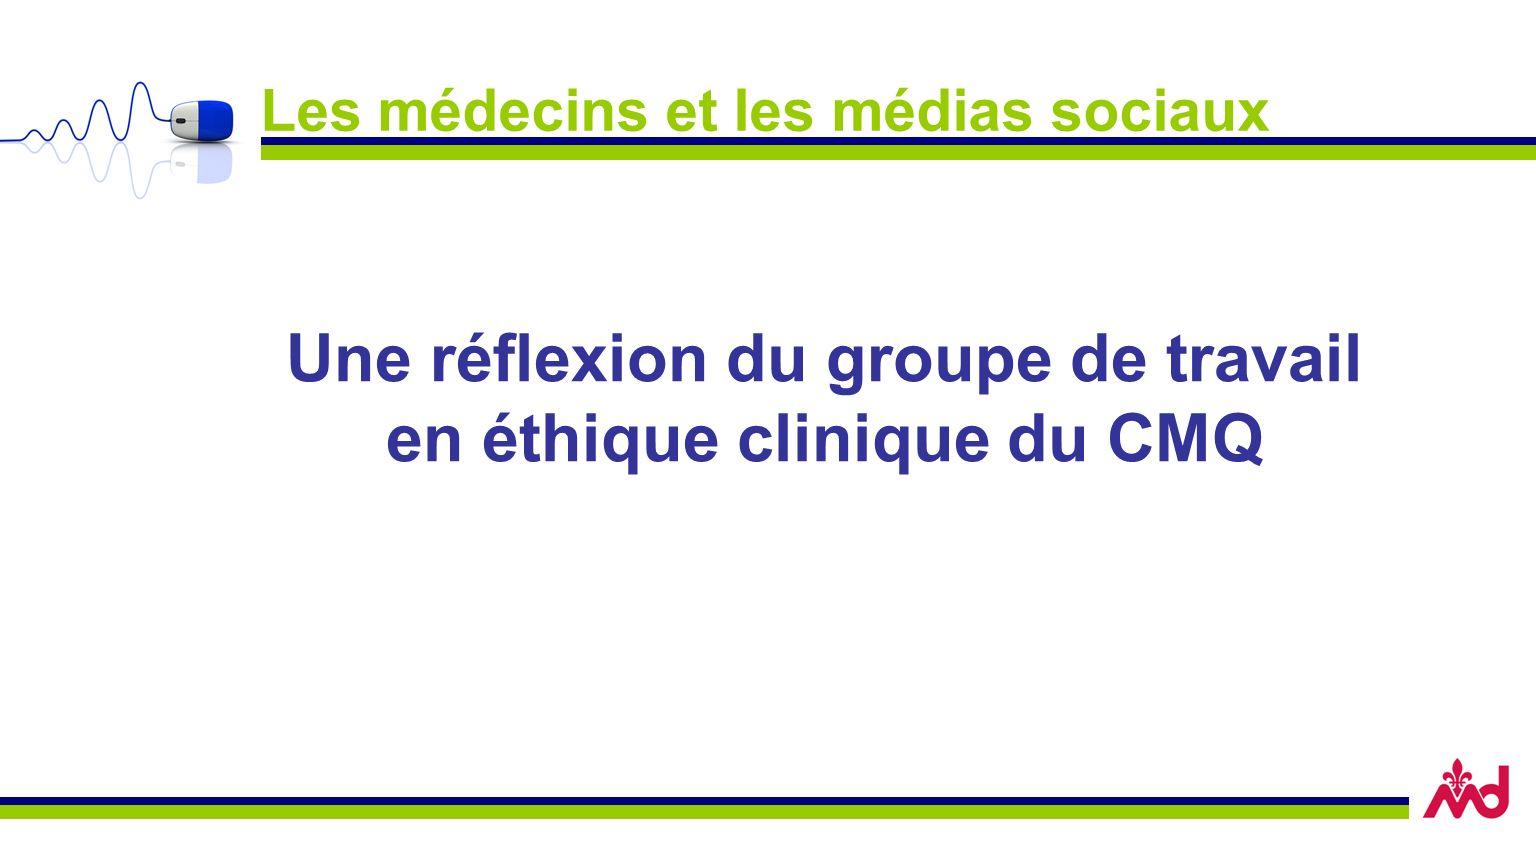 Les médecins et les médias sociaux Une réflexion du groupe de travail en éthique clinique du CMQ